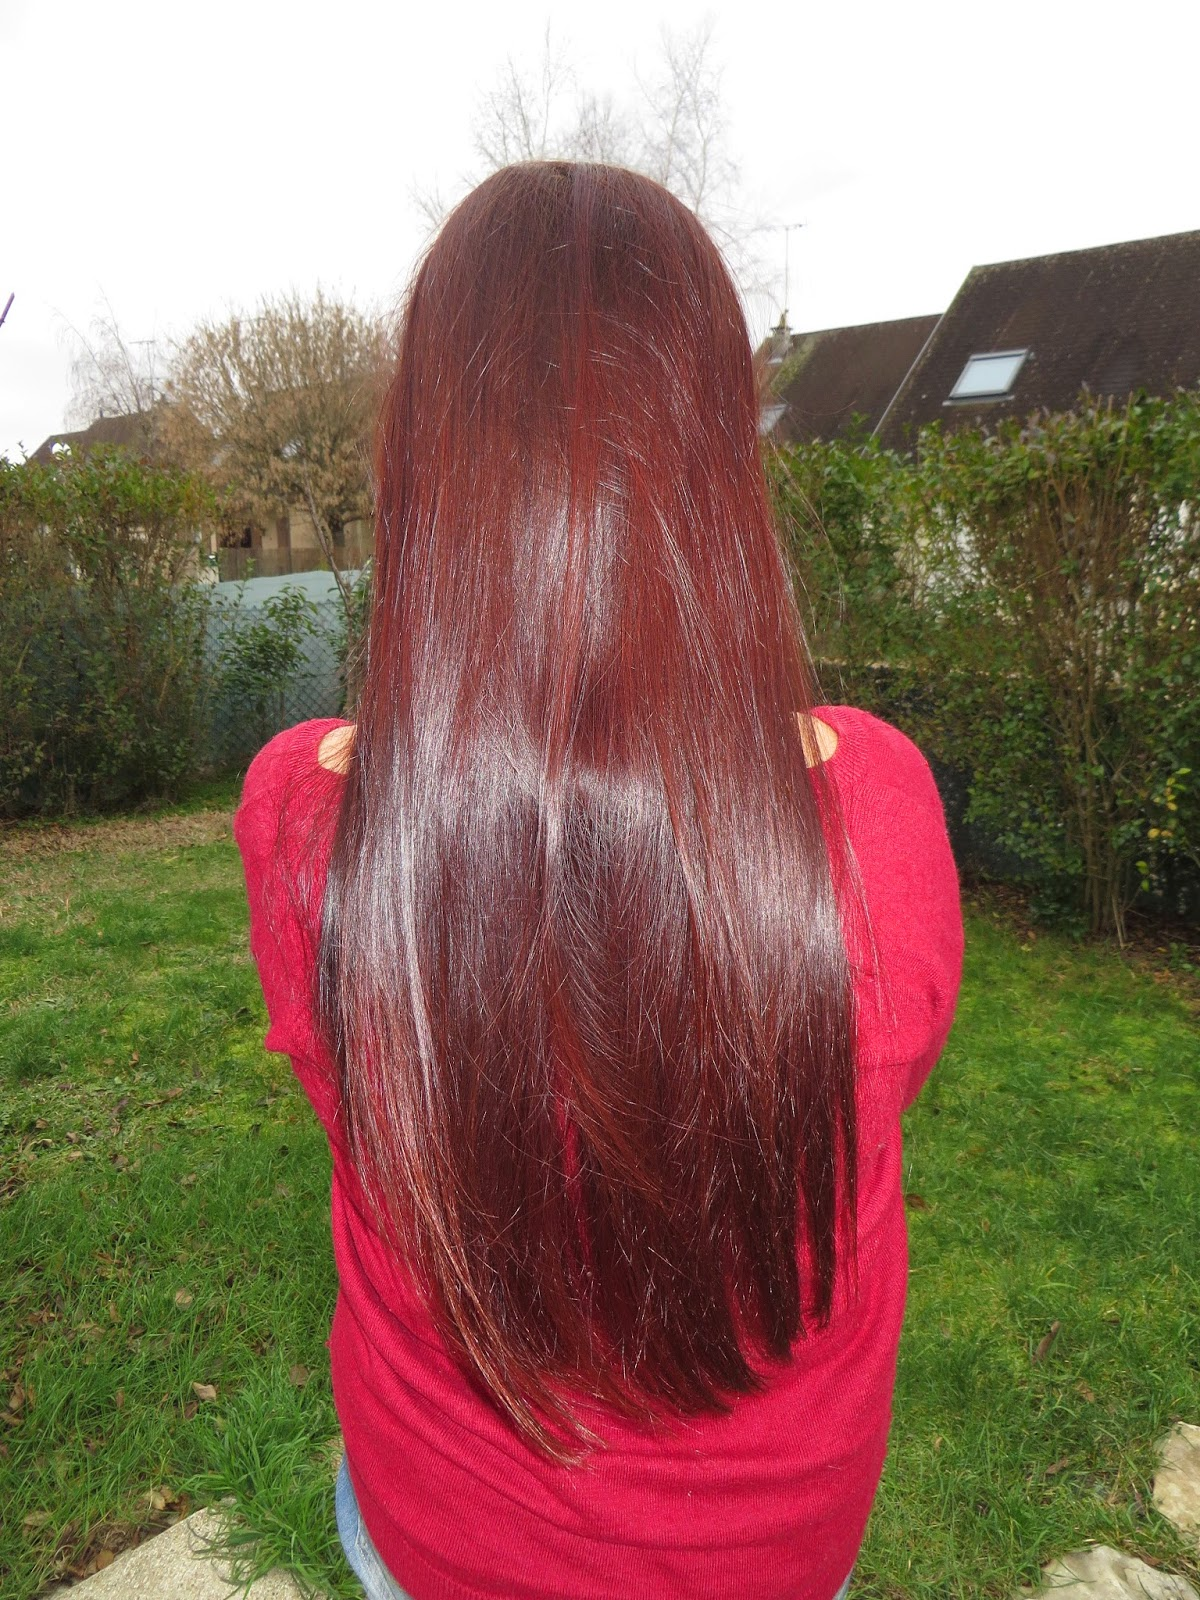 jai donc dcid de recommencer mes expriences capillaires en tentant de foncer mes cheveux naturellement bien entendu - Comment Foncer Ses Cheveux Sans Coloration